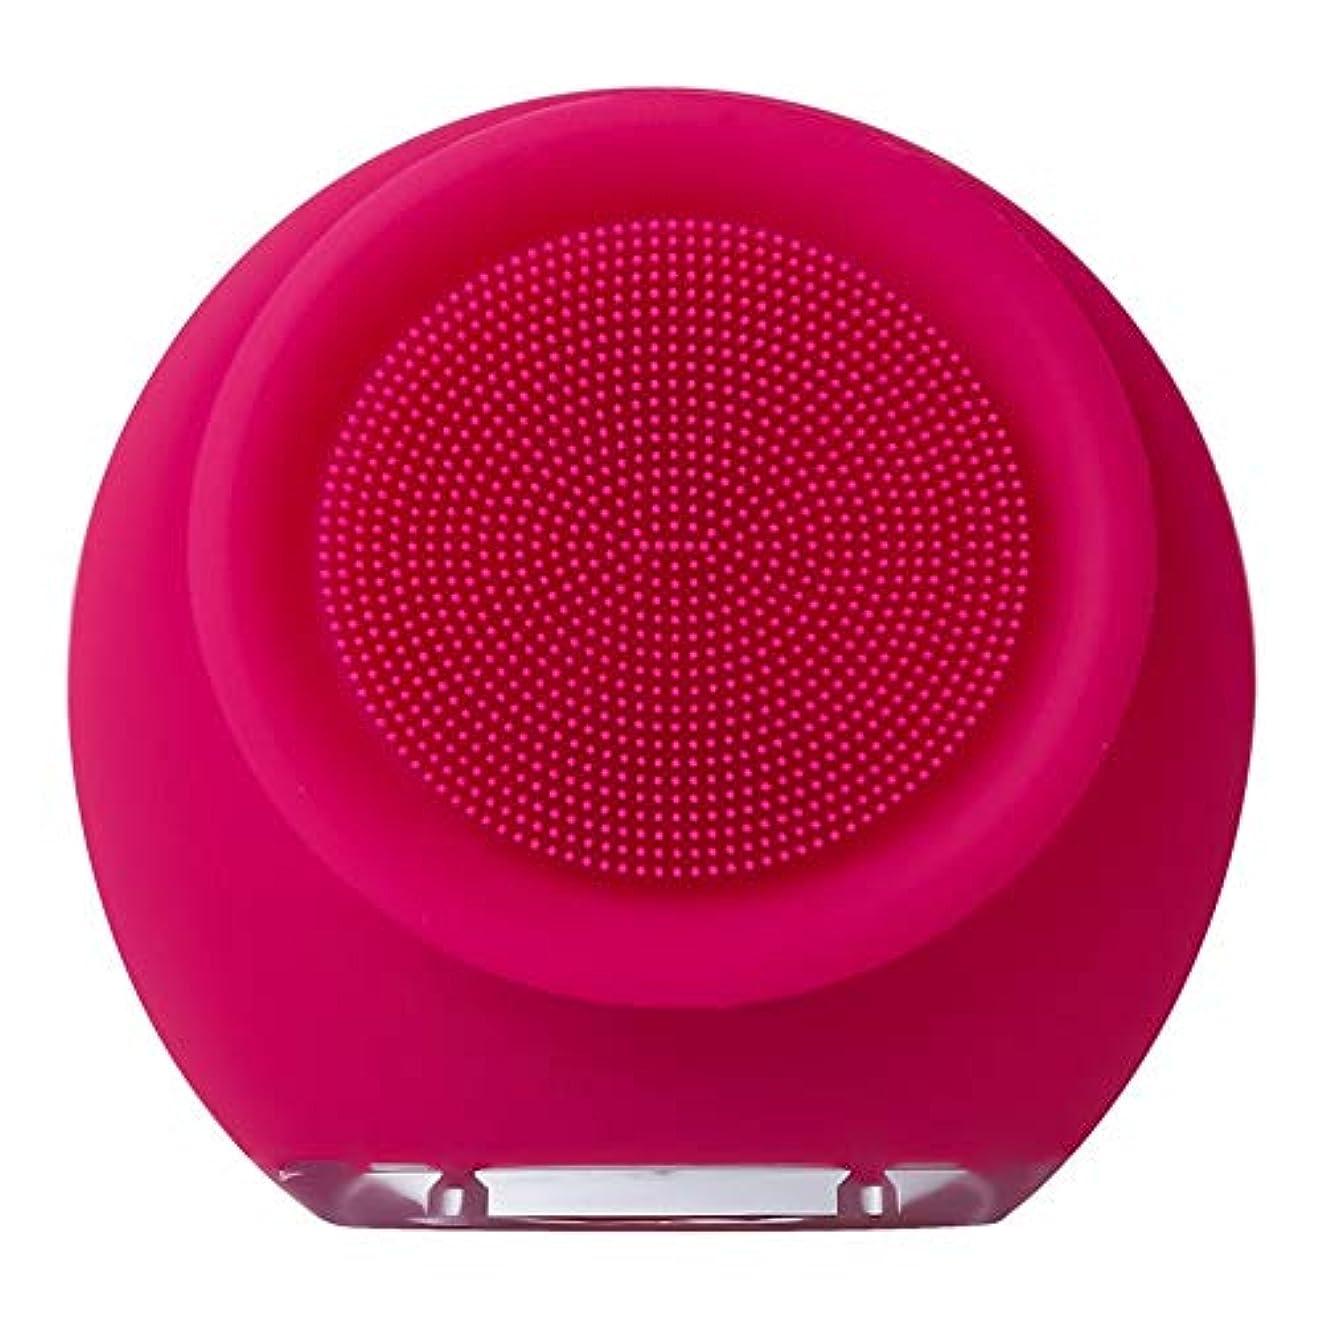 結婚仲良し魅了するZHILI フェイスクリーナー防水電動フェイスクレンザーシリコンフェイシャルブラシマッサージャー削除肌にきびにきび毛穴美容ツール (Color : Pink2)